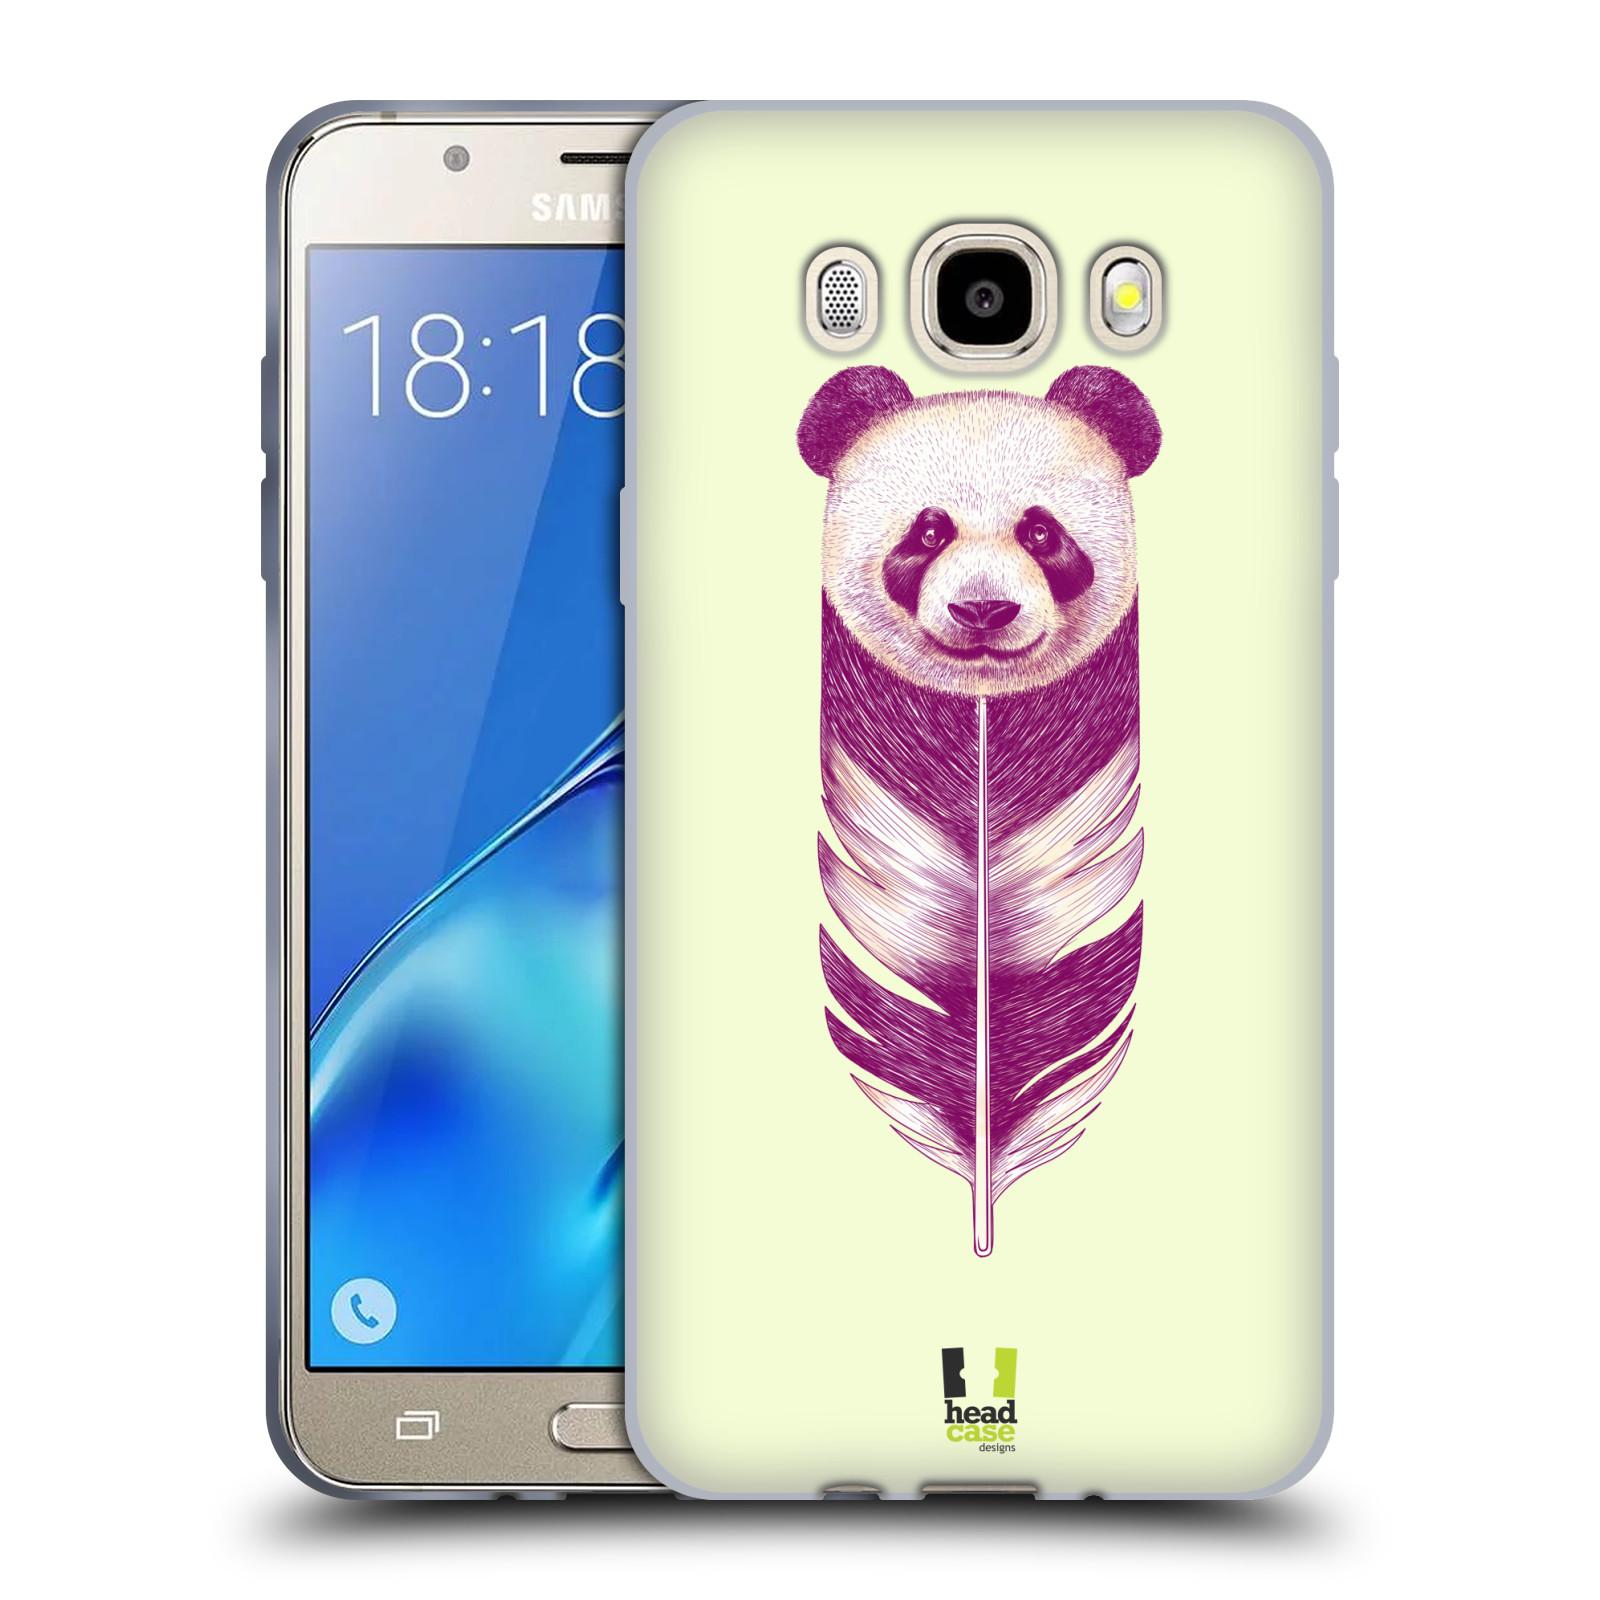 HEAD CASE silikonový obal, kryt na mobil Samsung Galaxy J5 2016, J510, J510F, (J510F DUAL SIM) vzor zvířecí pírka panda